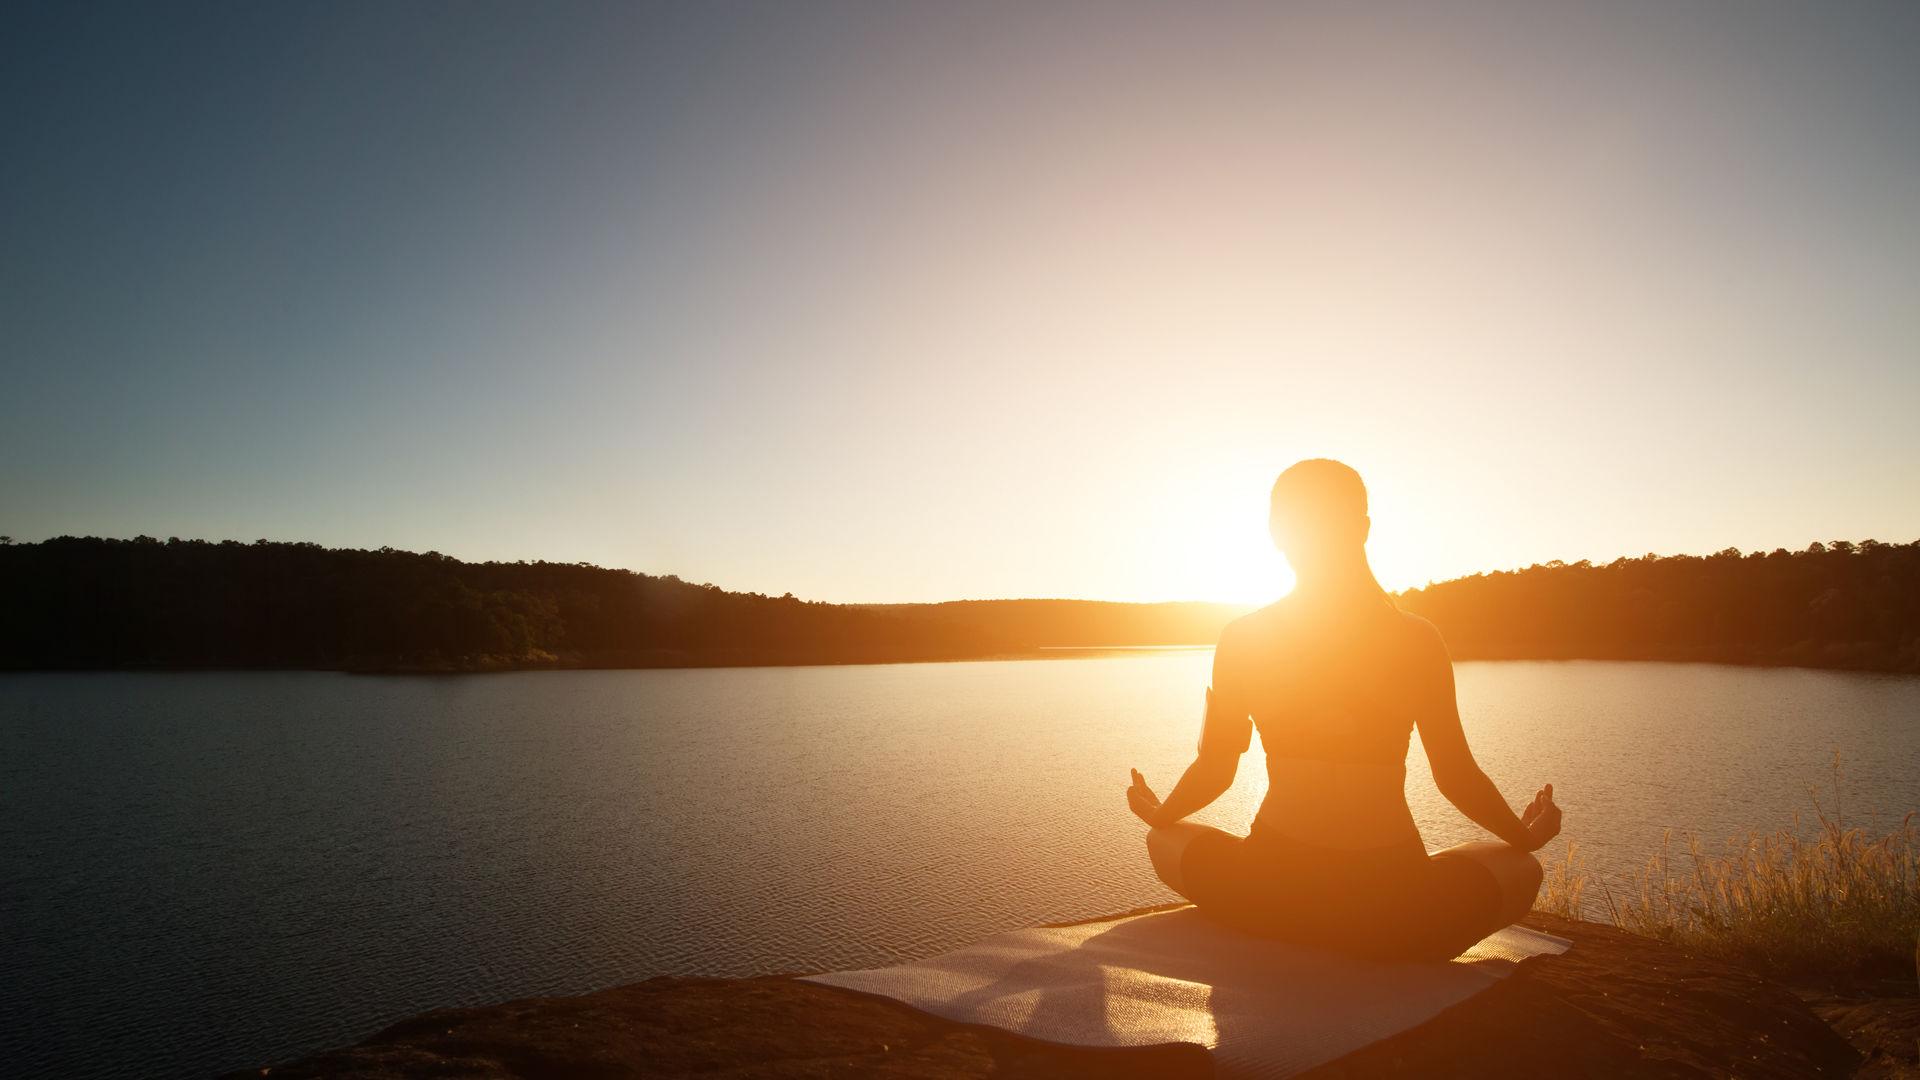 Thiền là gì? Thiền định là gì?